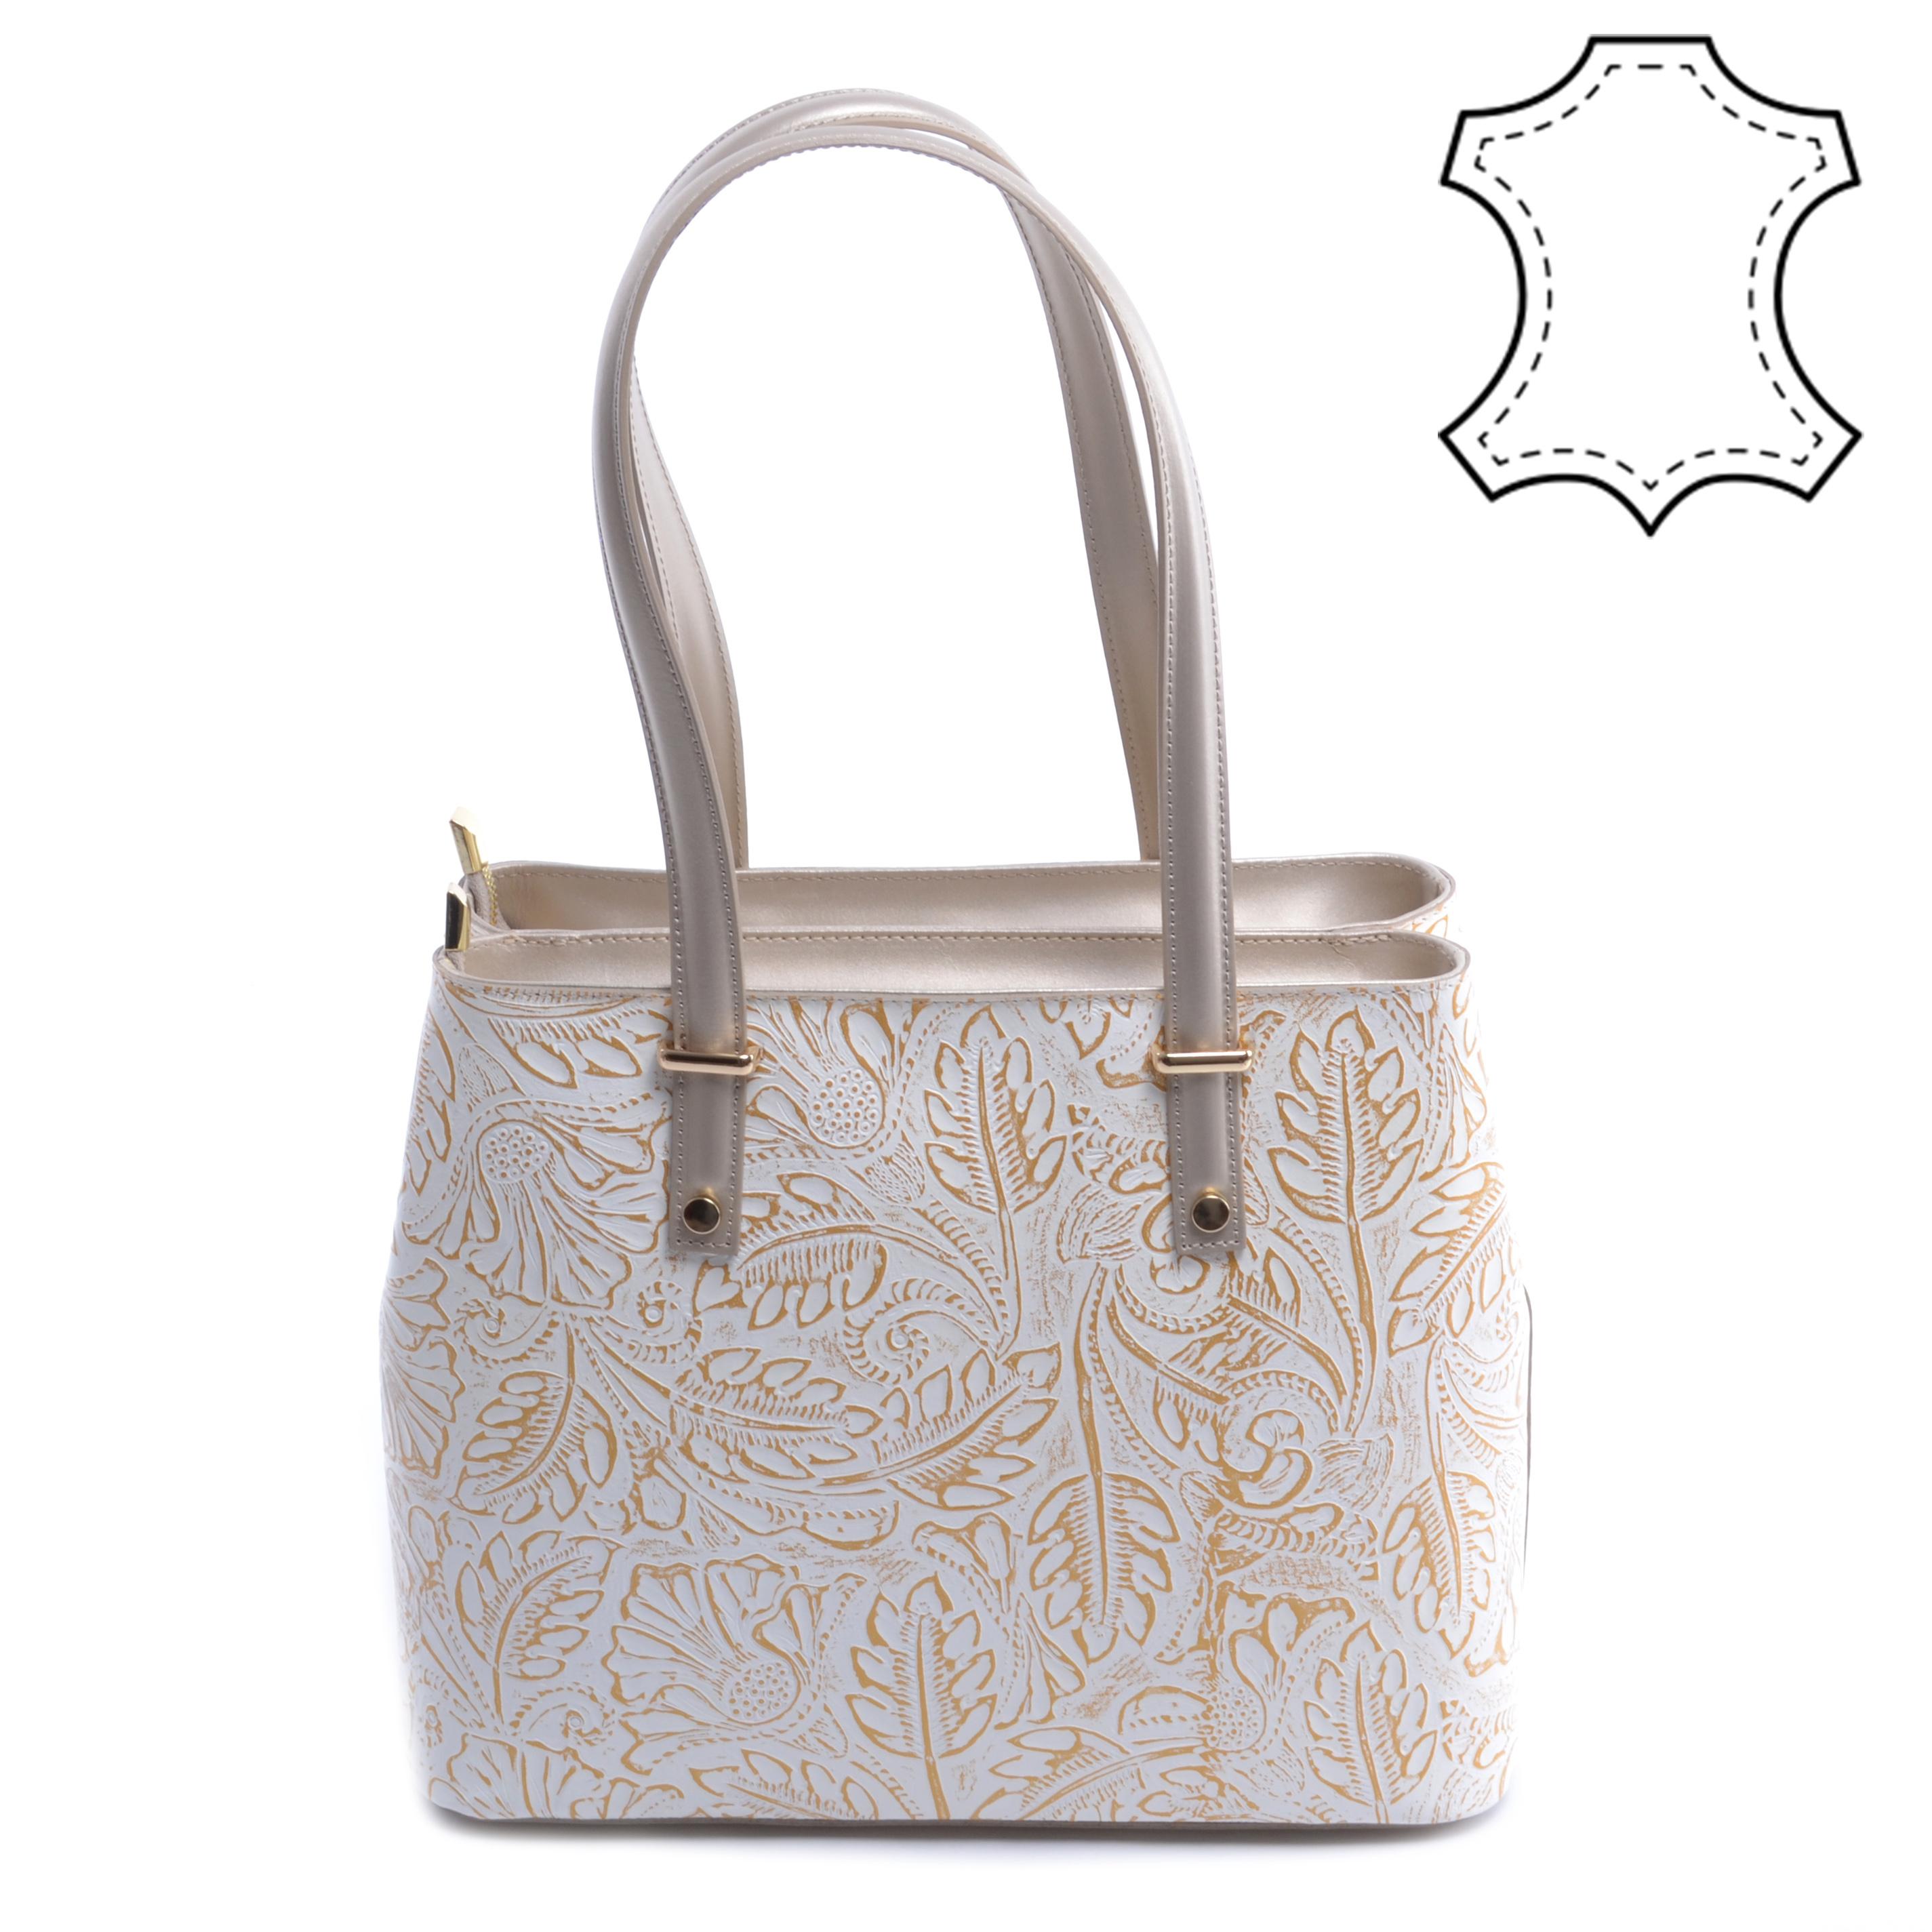 d5058e7ce799 Arany-Fehér Női Valódi Bőr Válltáska - Válltáskák - Táska webáruház - Minőségi  táskák mindenkinek